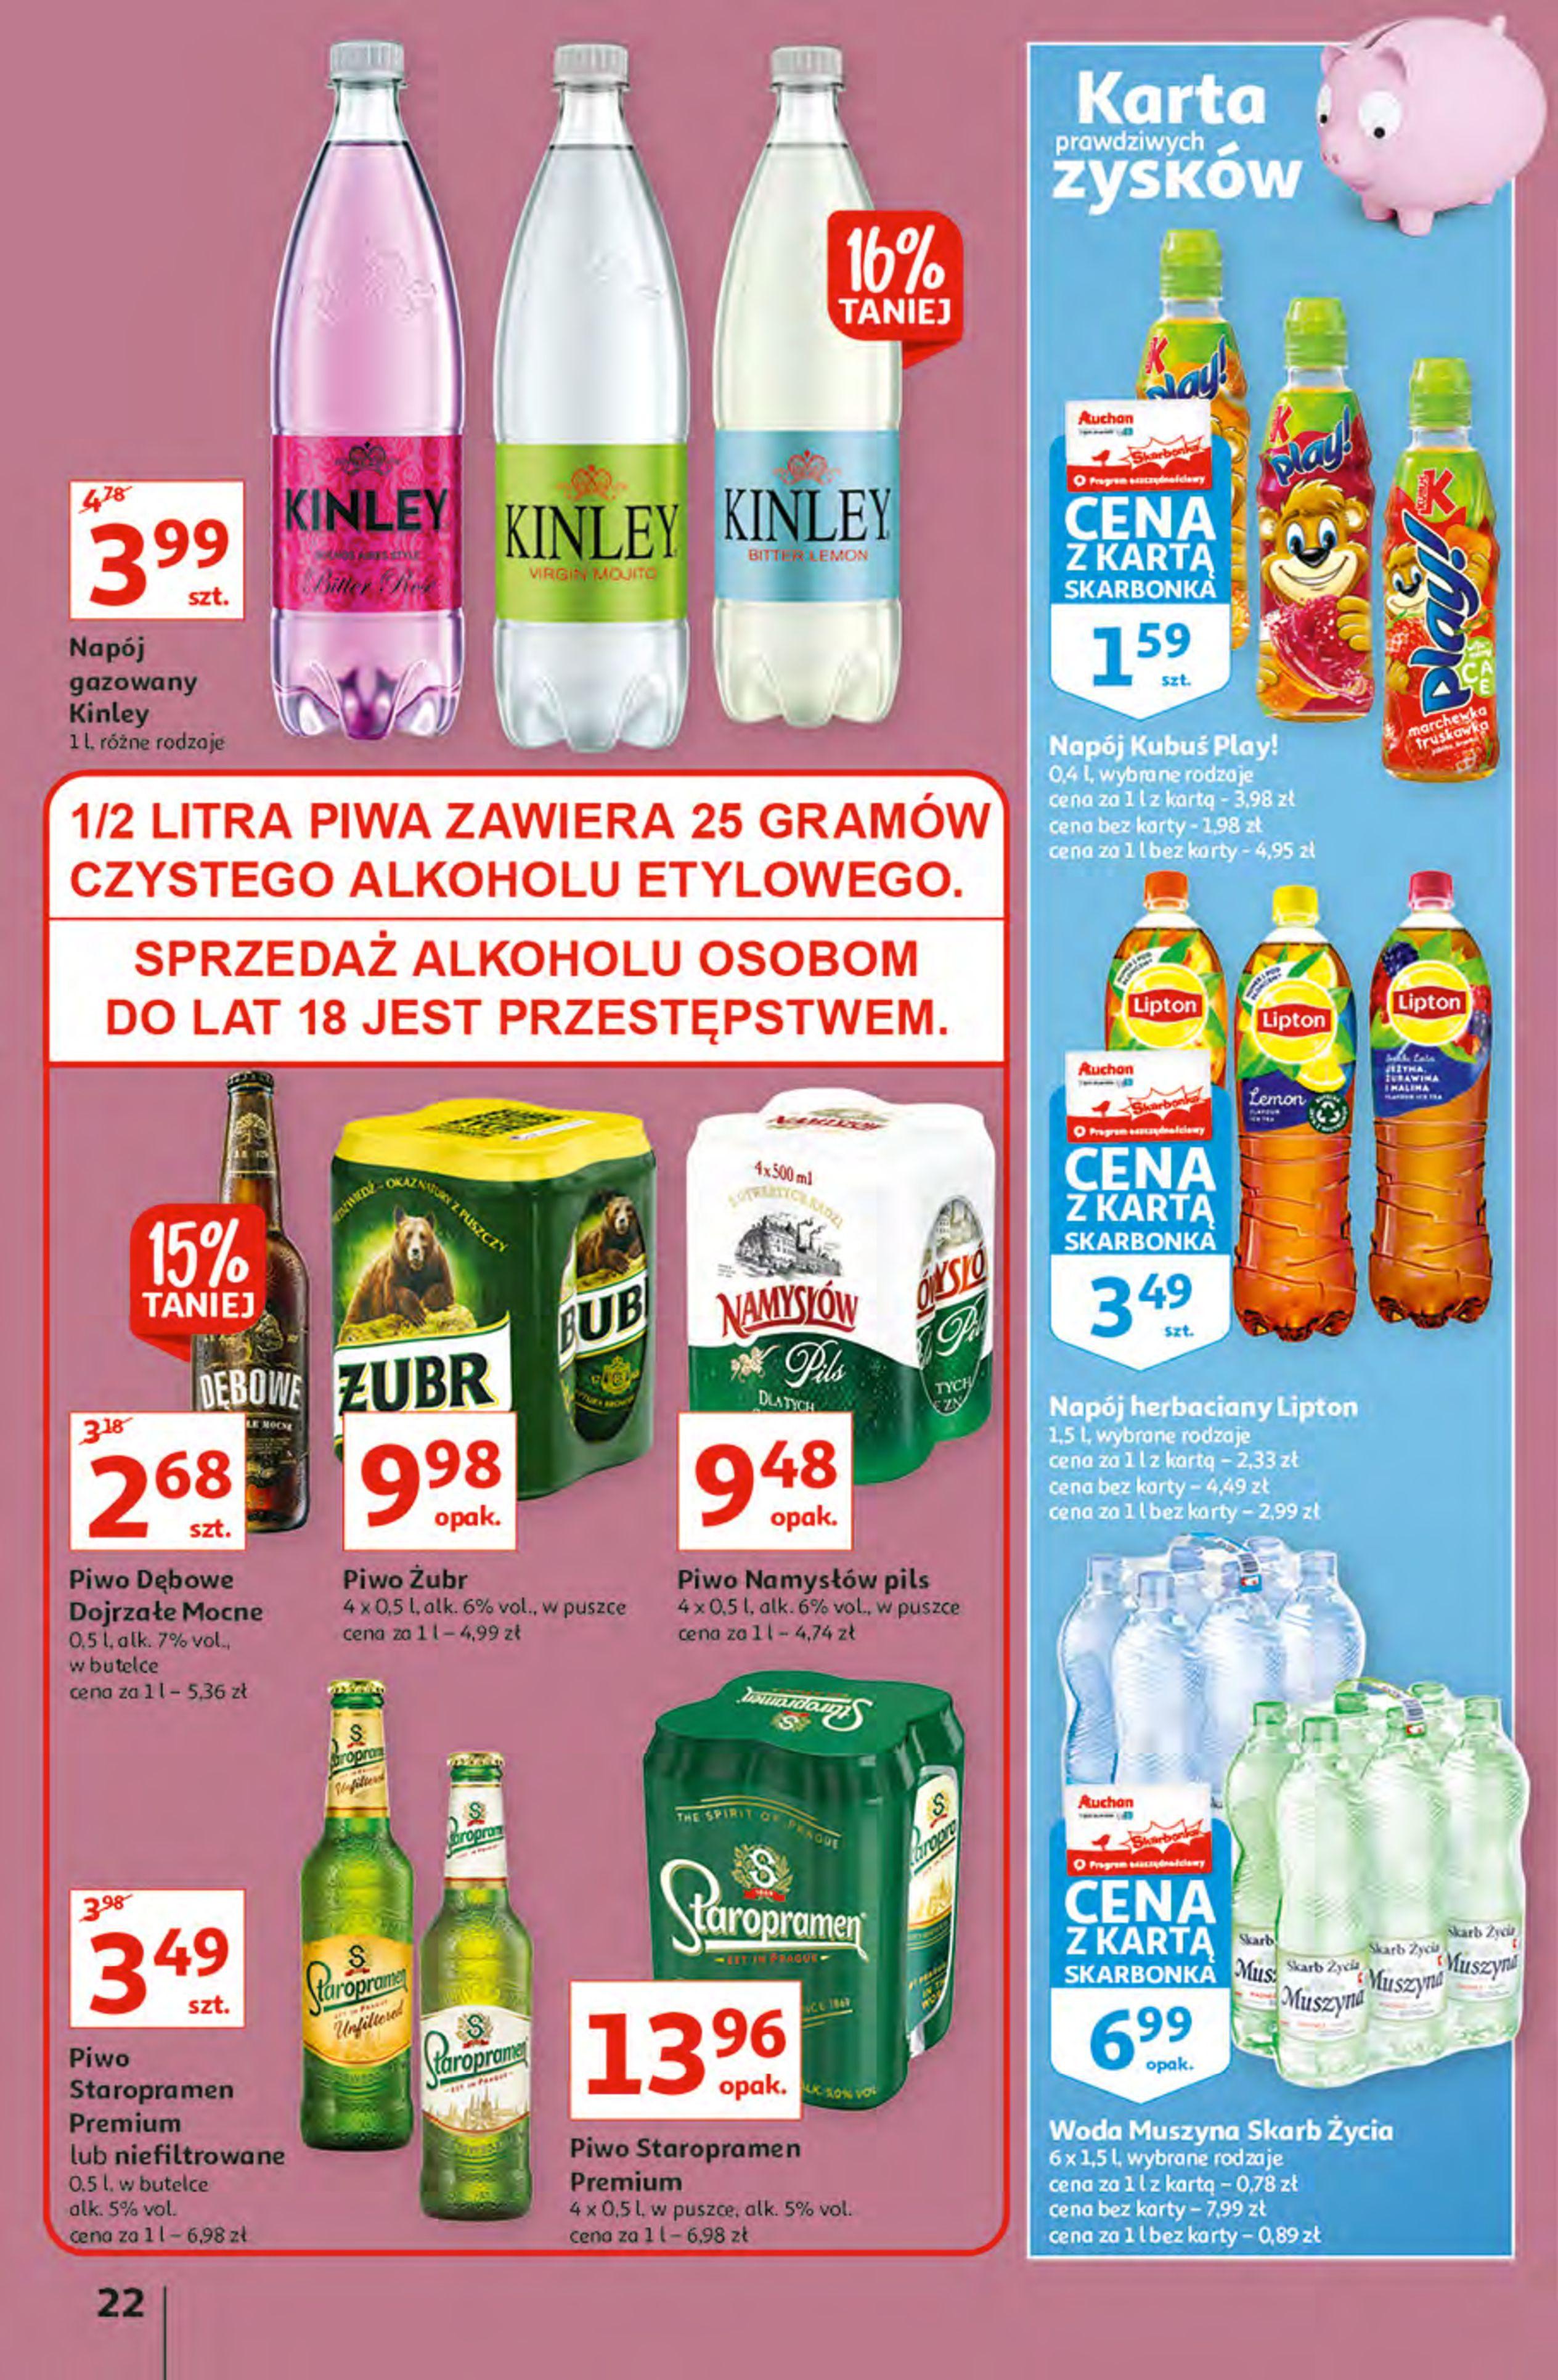 Gazetka Auchan: Gazetka Auchan - Hiperoszczędzanie z Kartą Skarbonka 2 Hipermarkety 2021-10-14 page-22